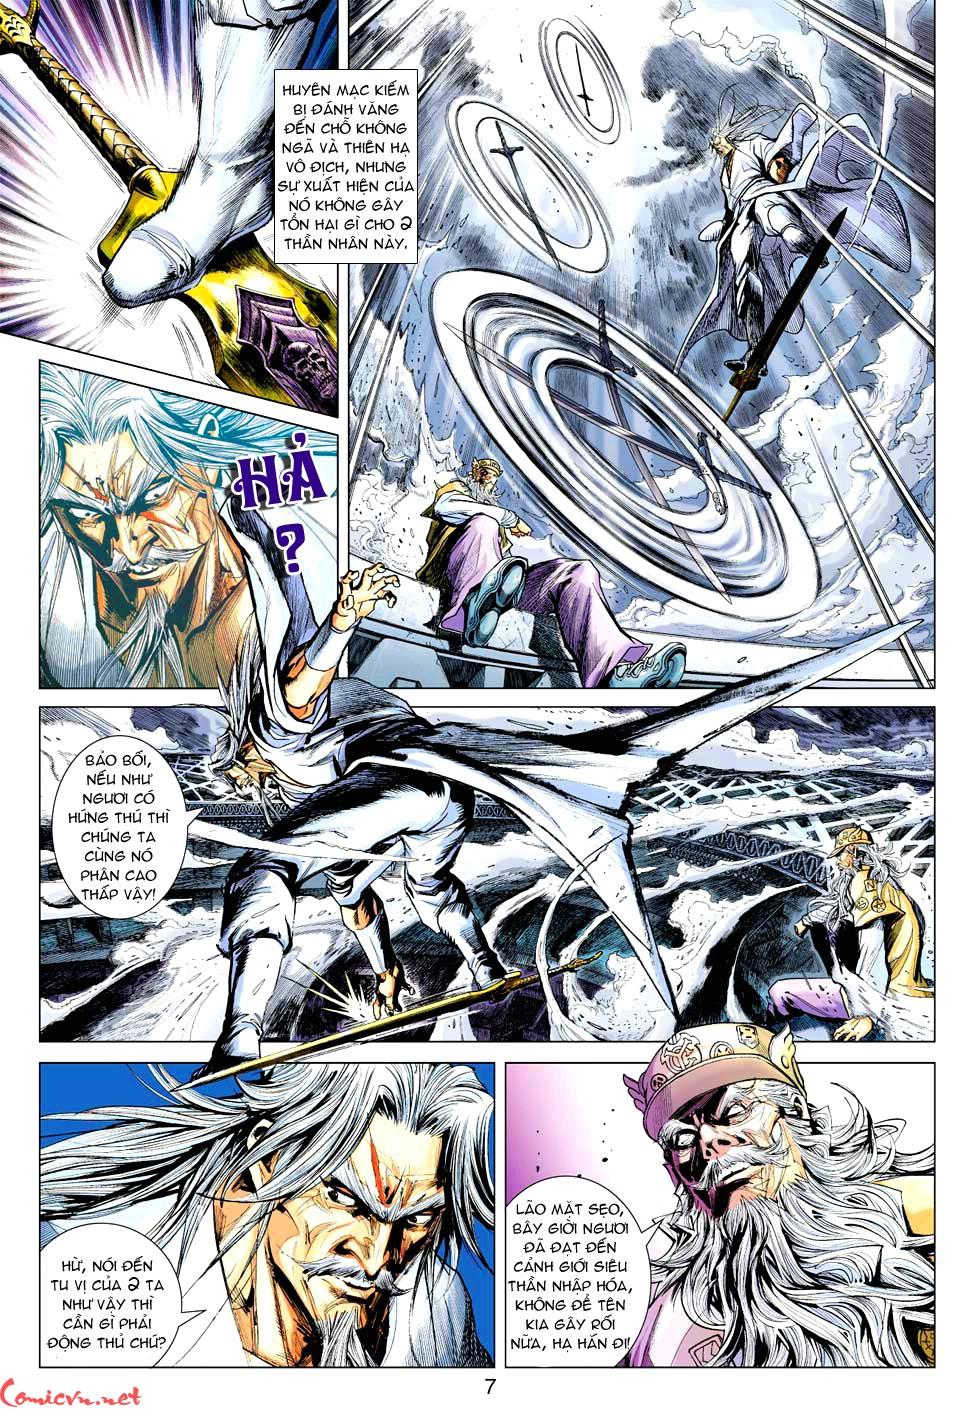 Vương Phong Lôi 1 chap 37 - Trang 27